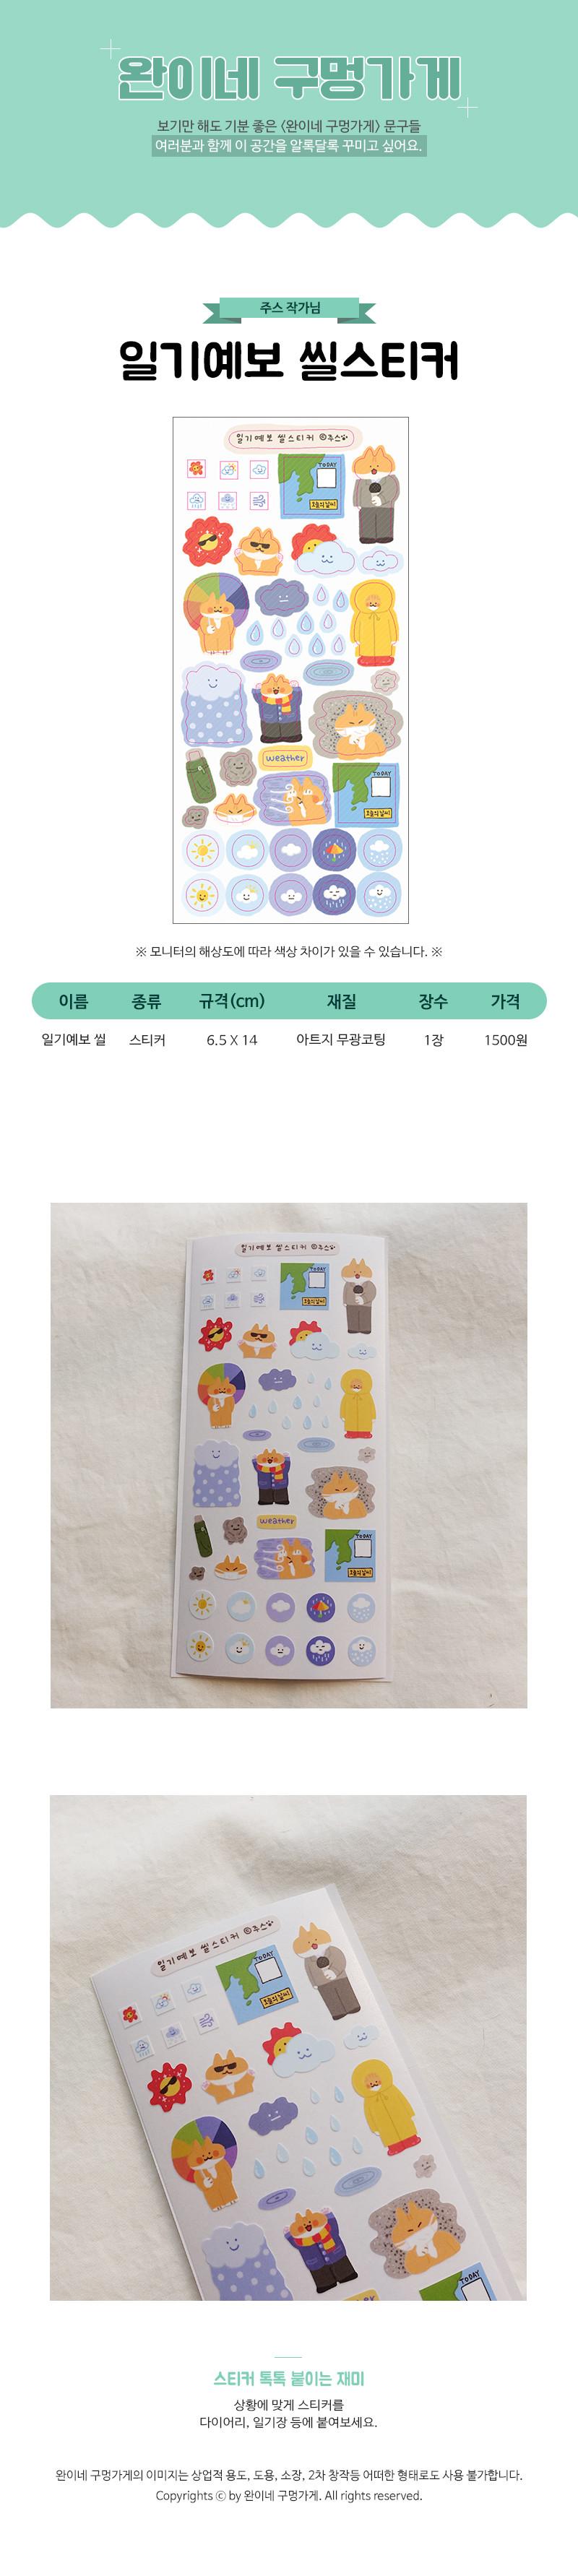 sticker771